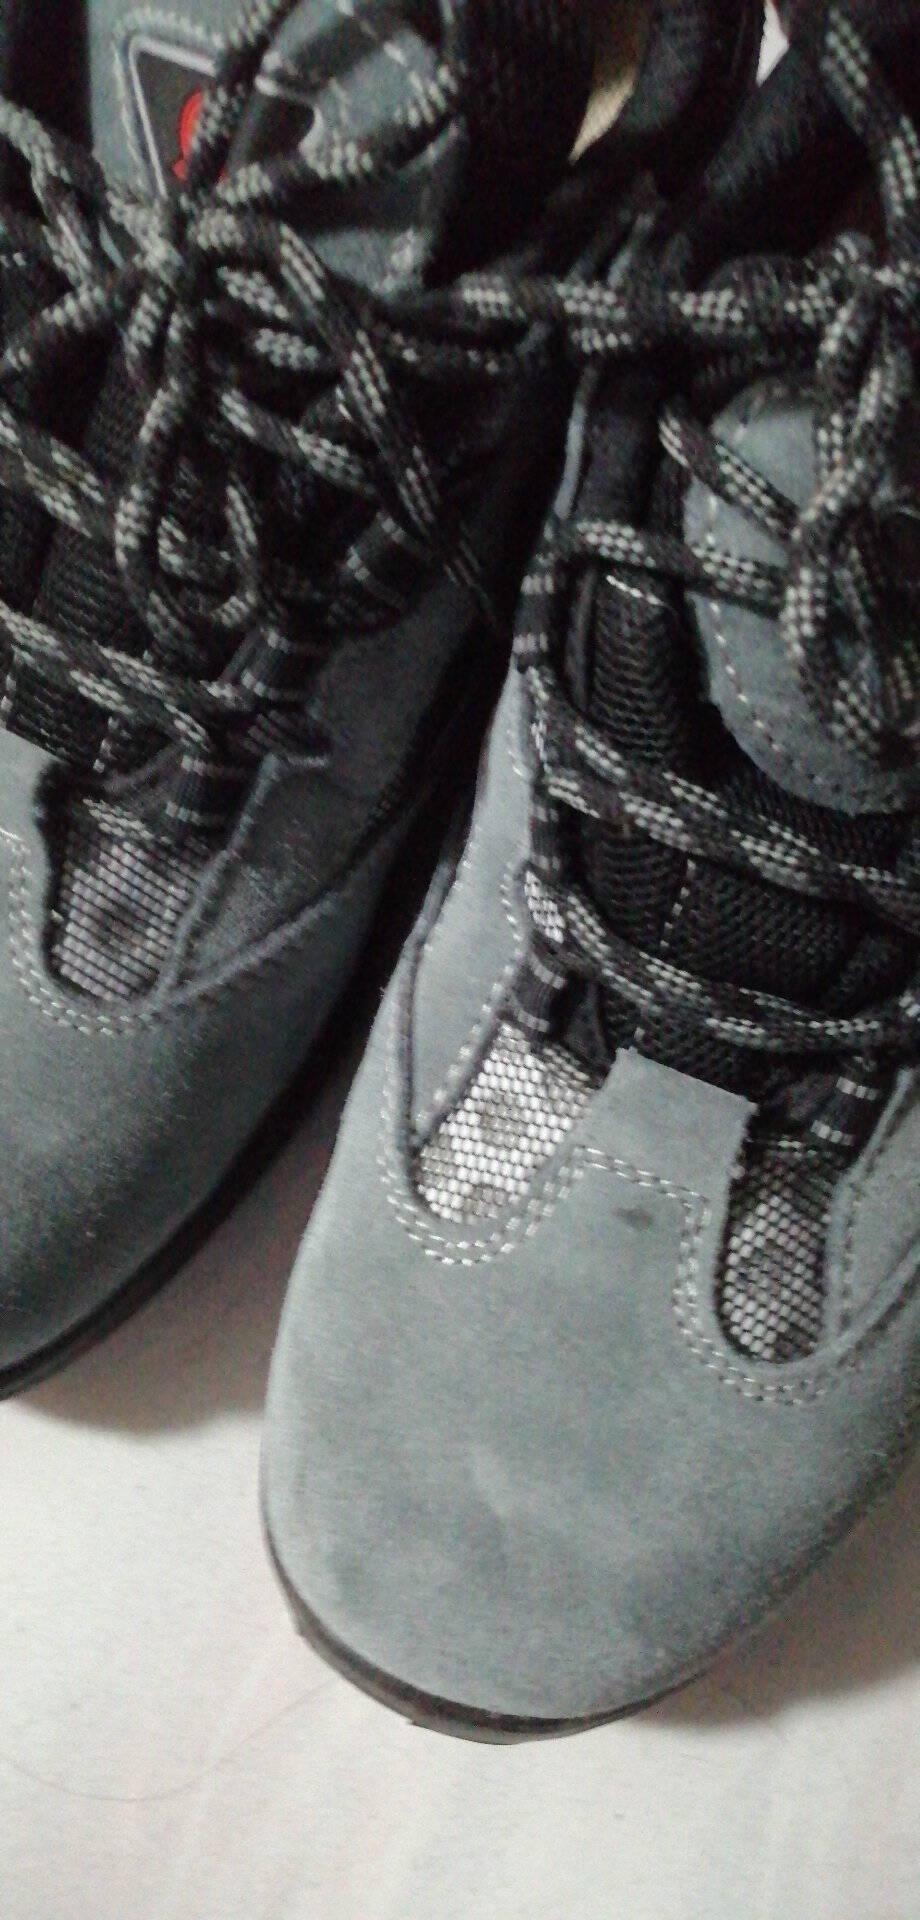 强人3515安全鞋6KV电绝缘防砸防刺穿劳保鞋高品质舒适透气功能防护鞋HY1631灰色42